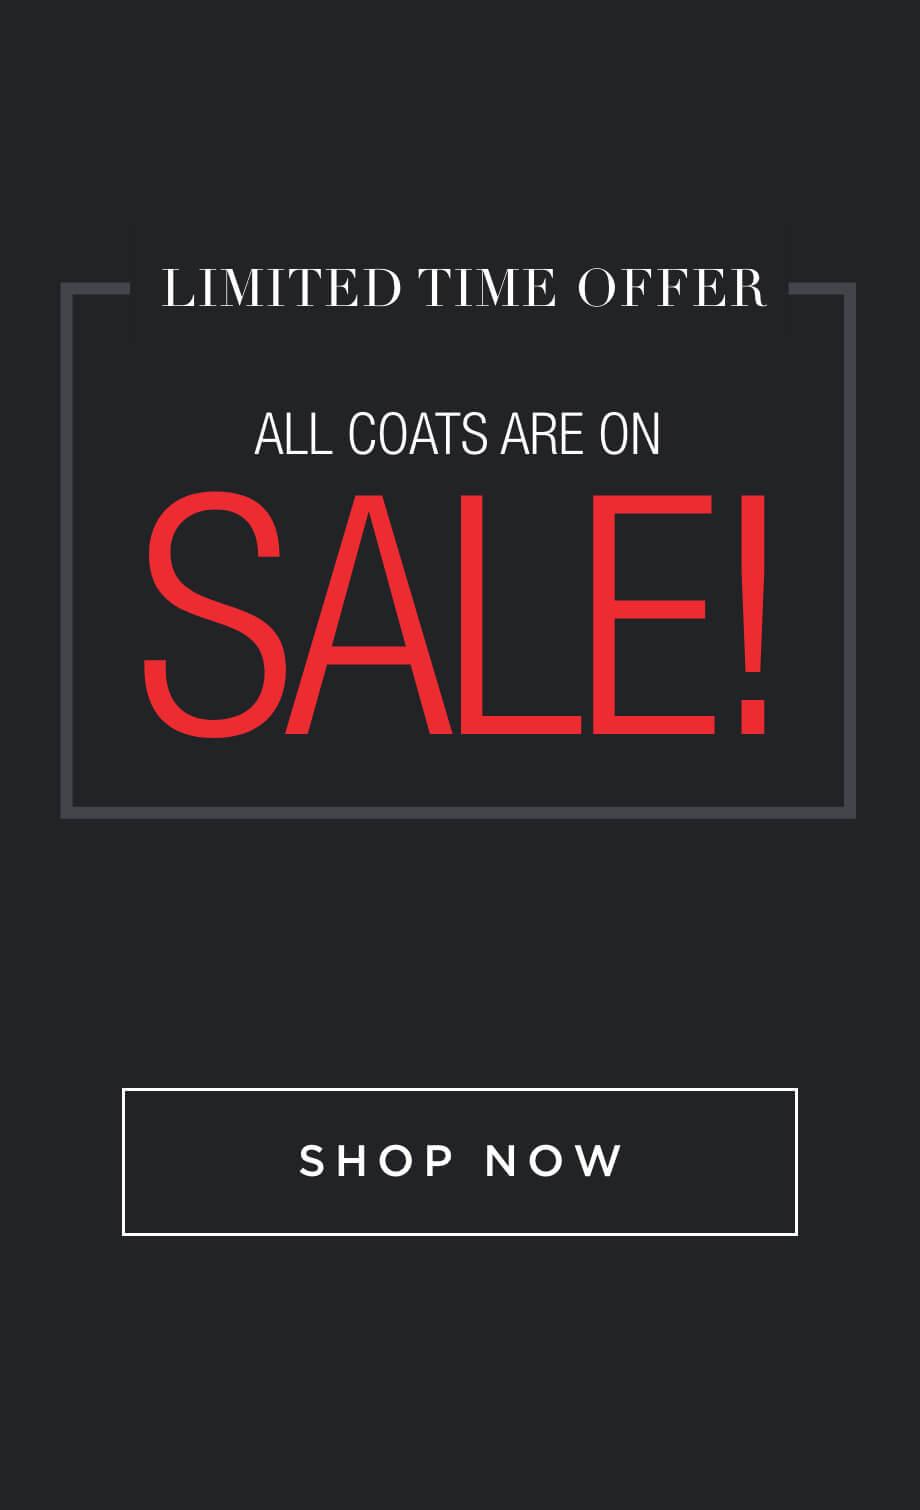 20% off Coats